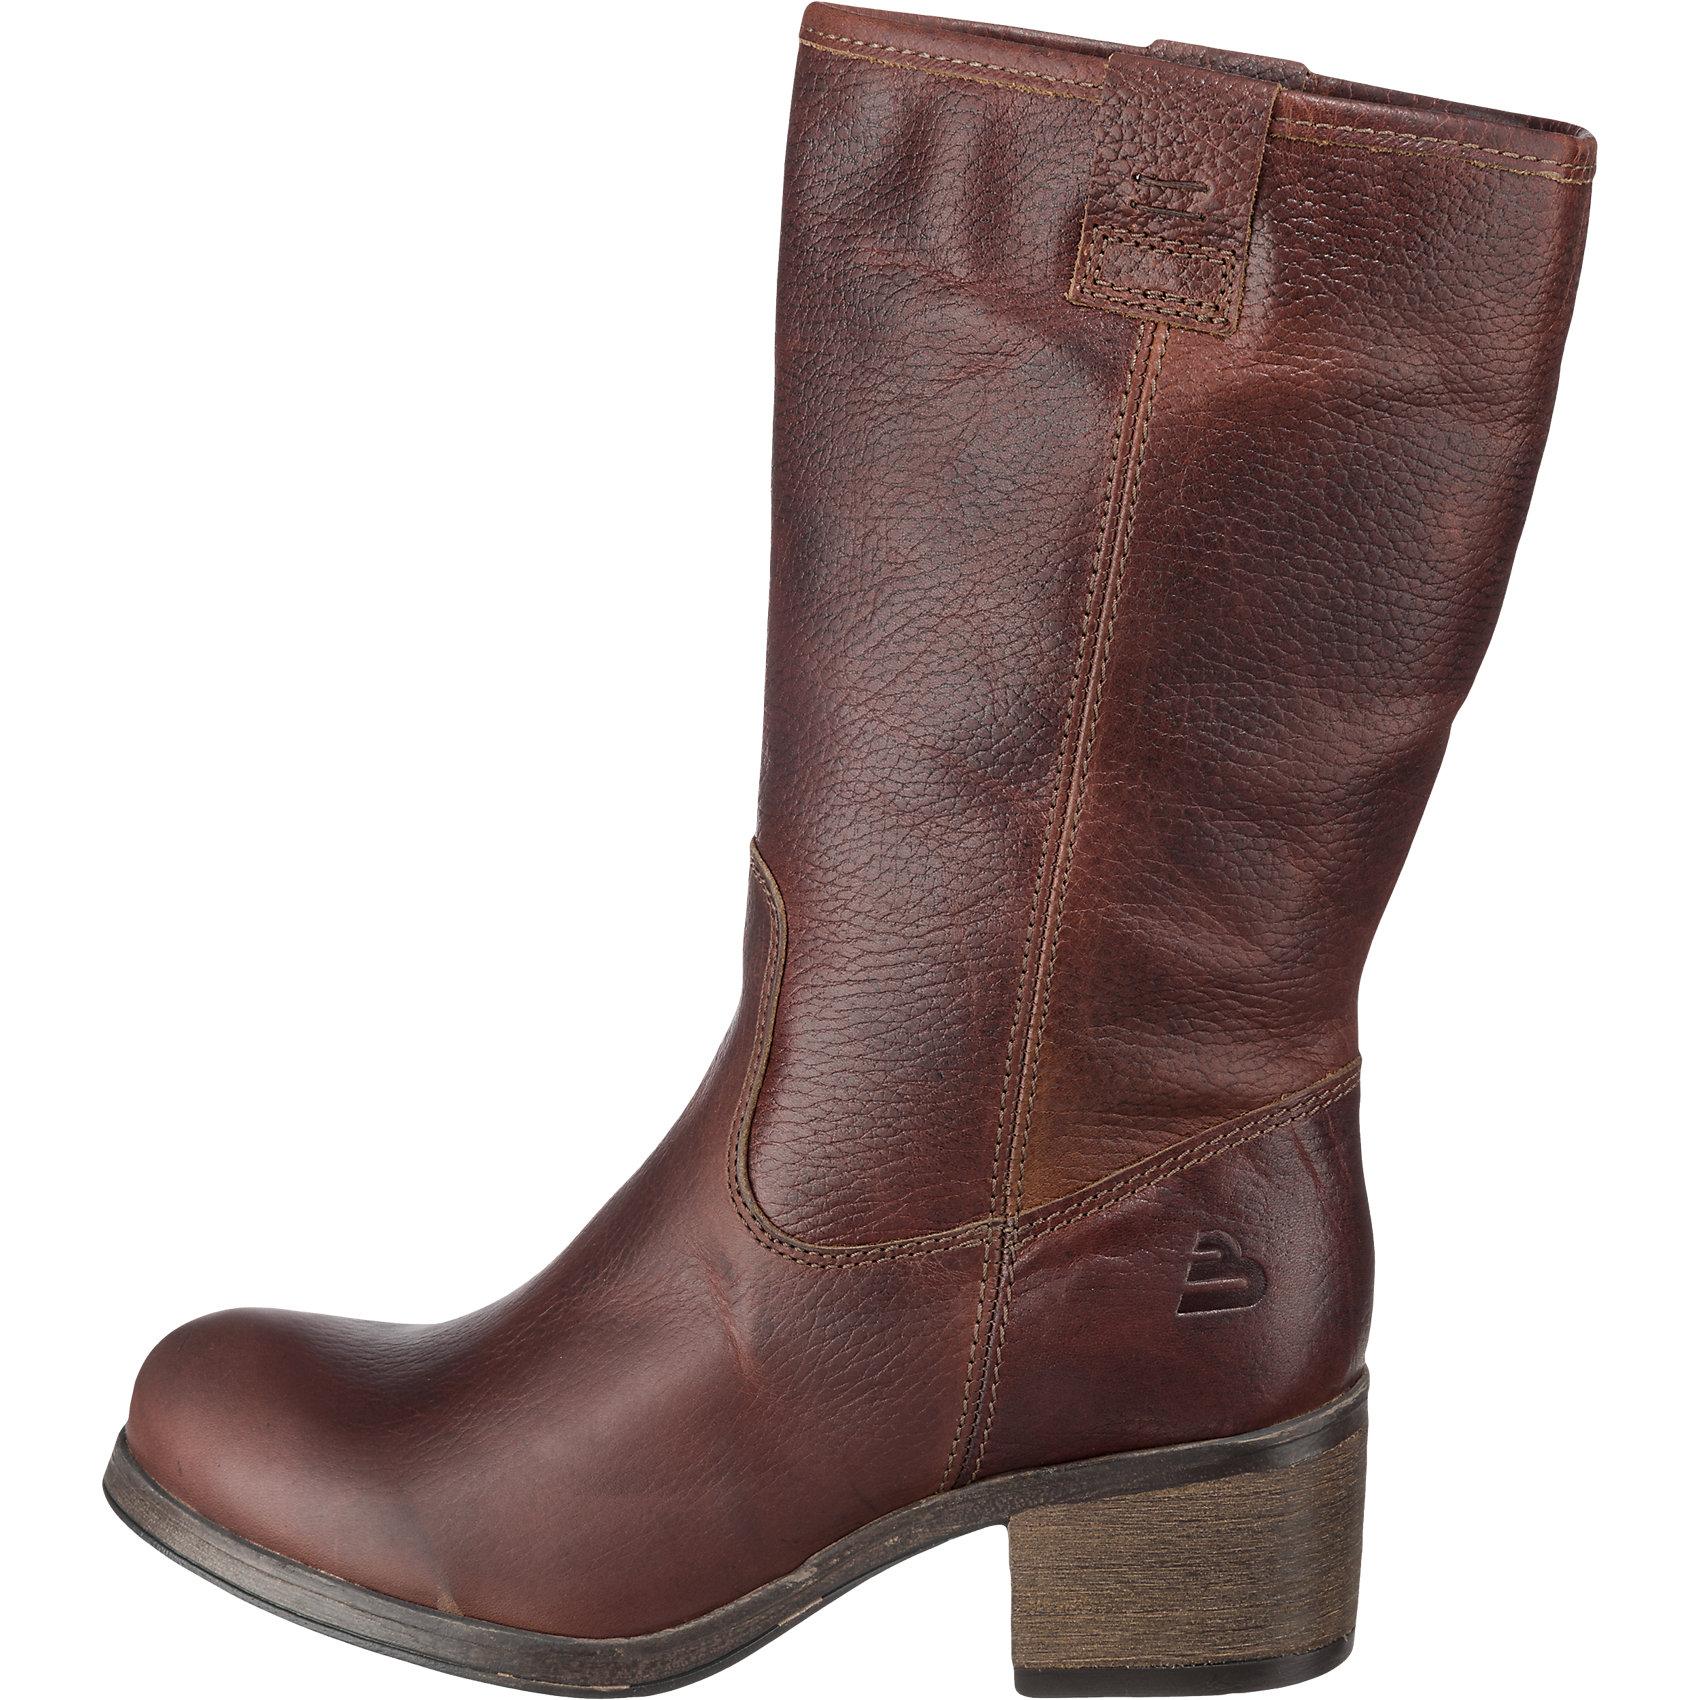 Details zu Neu BULLBOXER Stiefel 5760012 für Damen cognac